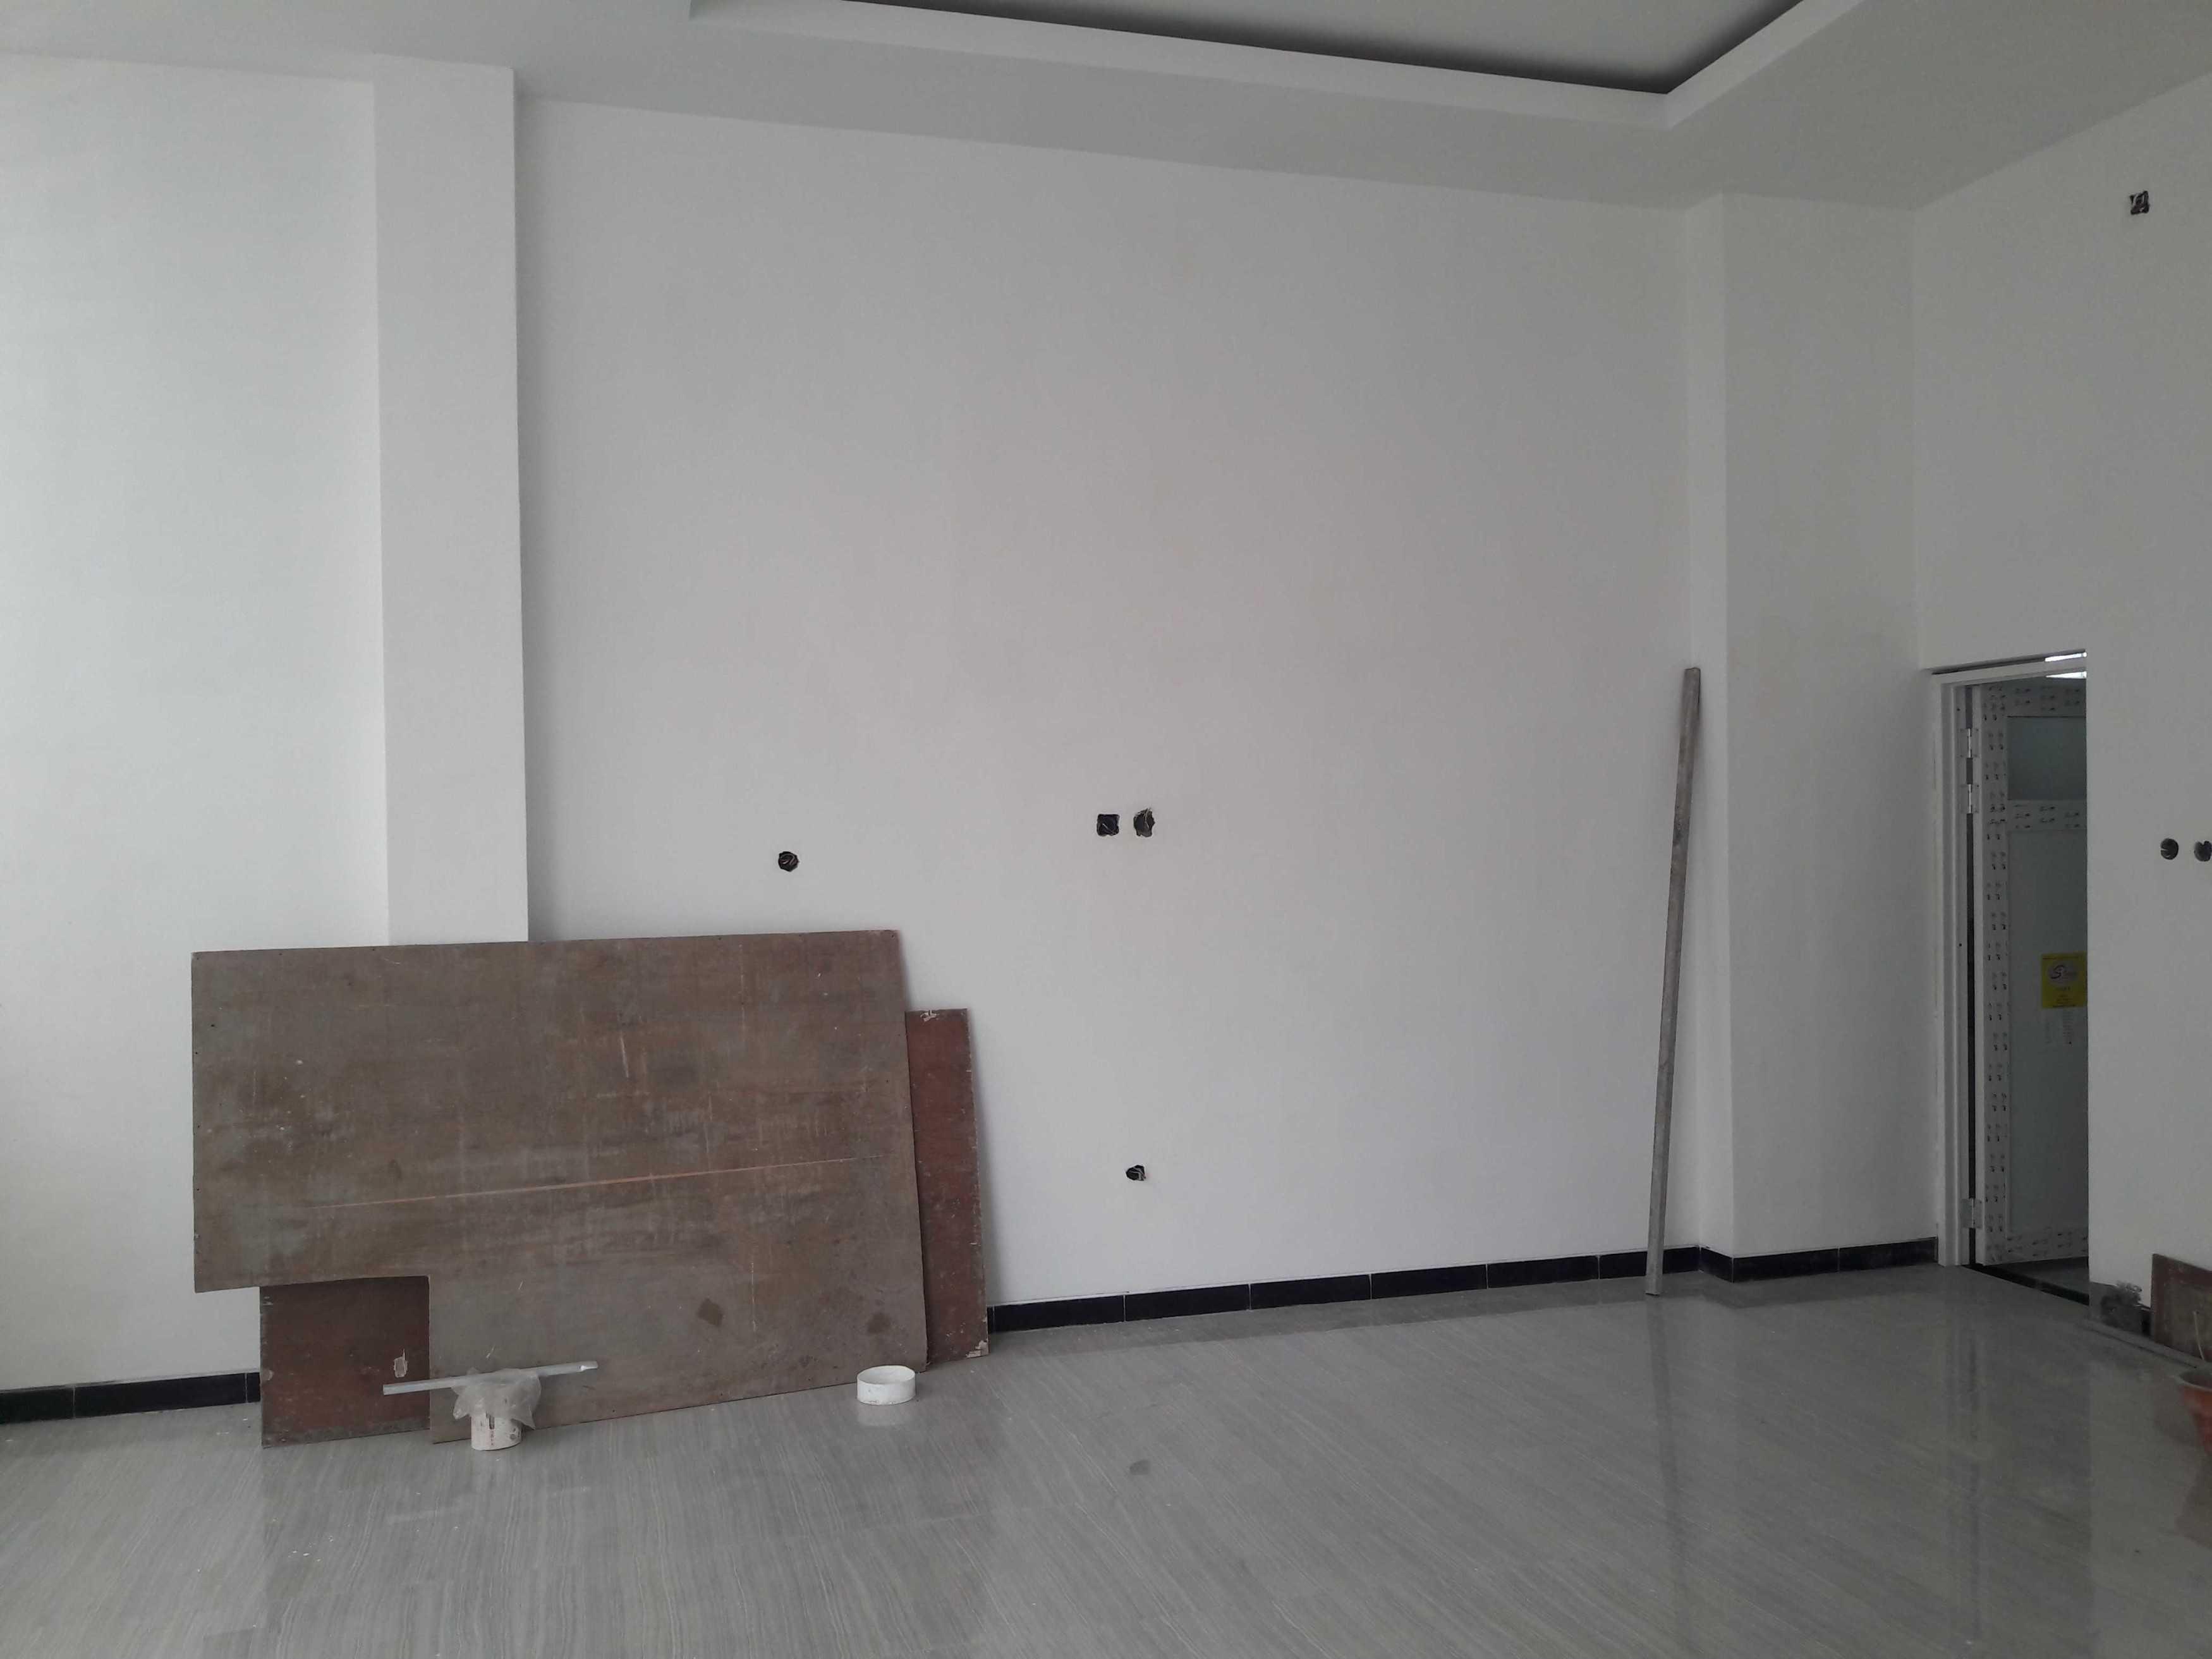 Metom Design Rumah Ibu Dian Y Malang, Kota Malang, Jawa Timur, Indonesia Malang, Kota Malang, Jawa Timur, Indonesia Metom-Design-Interior-Ibu-Dian-Y   106294